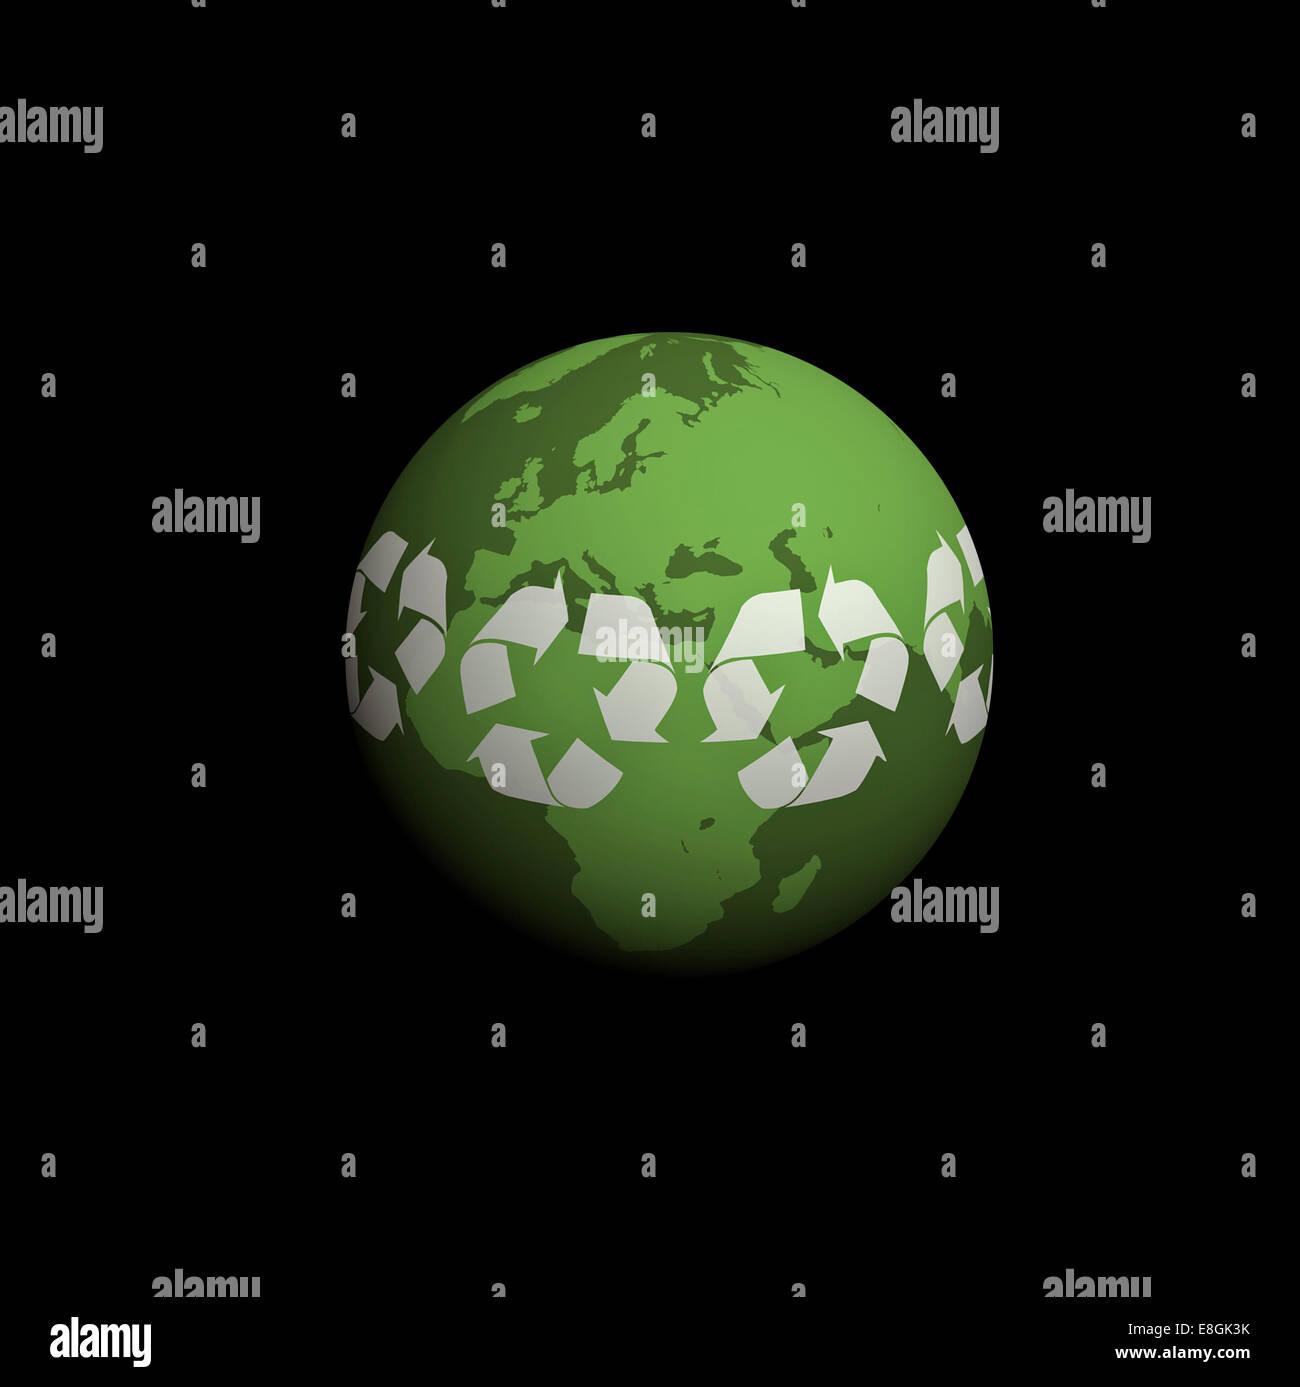 Generati digitalmente immagine del pianeta terra, Green Planet Immagini Stock